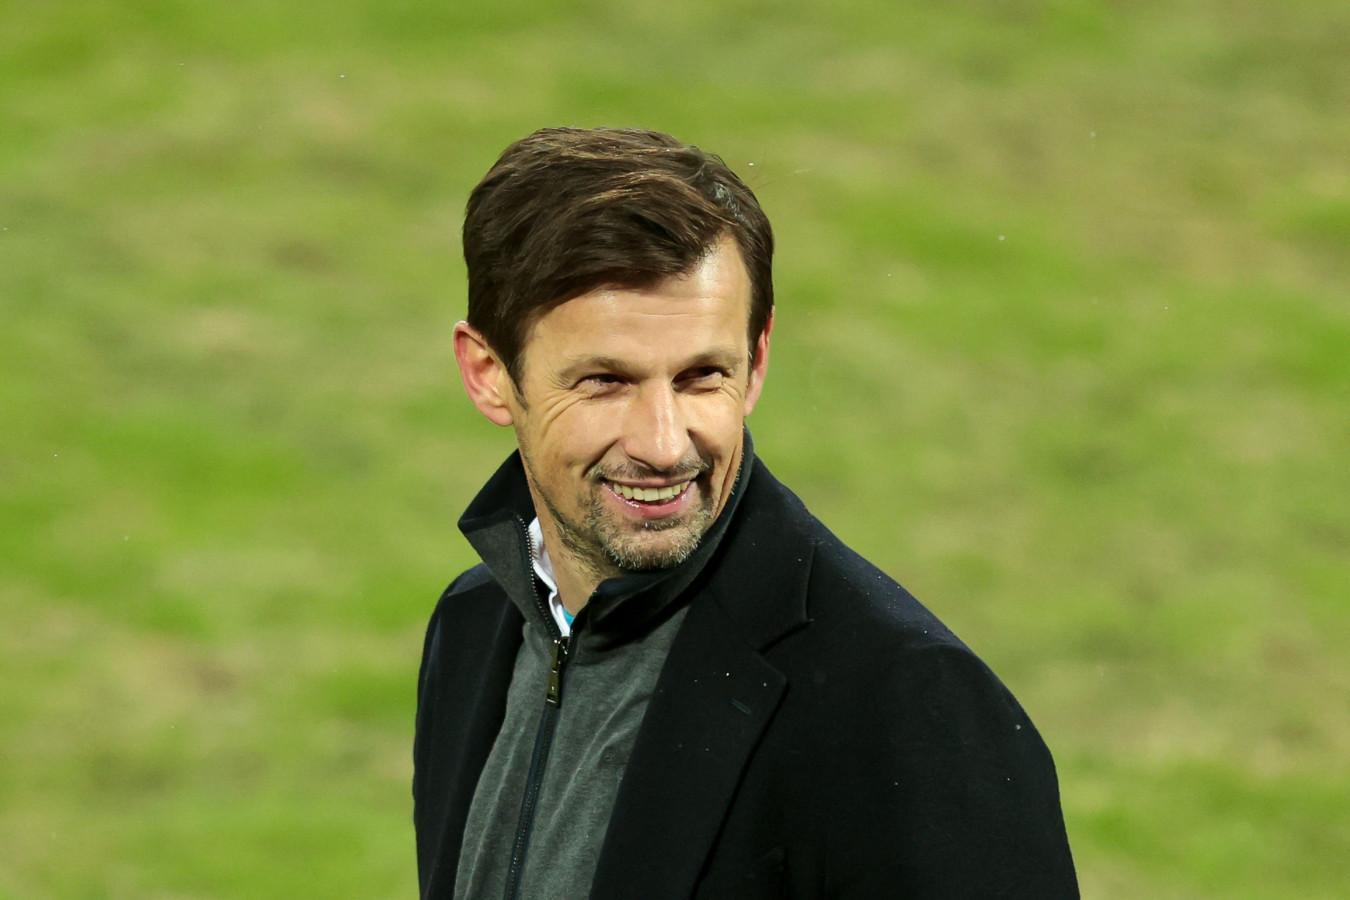 Сергей Семак: чемпионат России — это гораздо более важно, чем плей-офф Лиги чемпионов